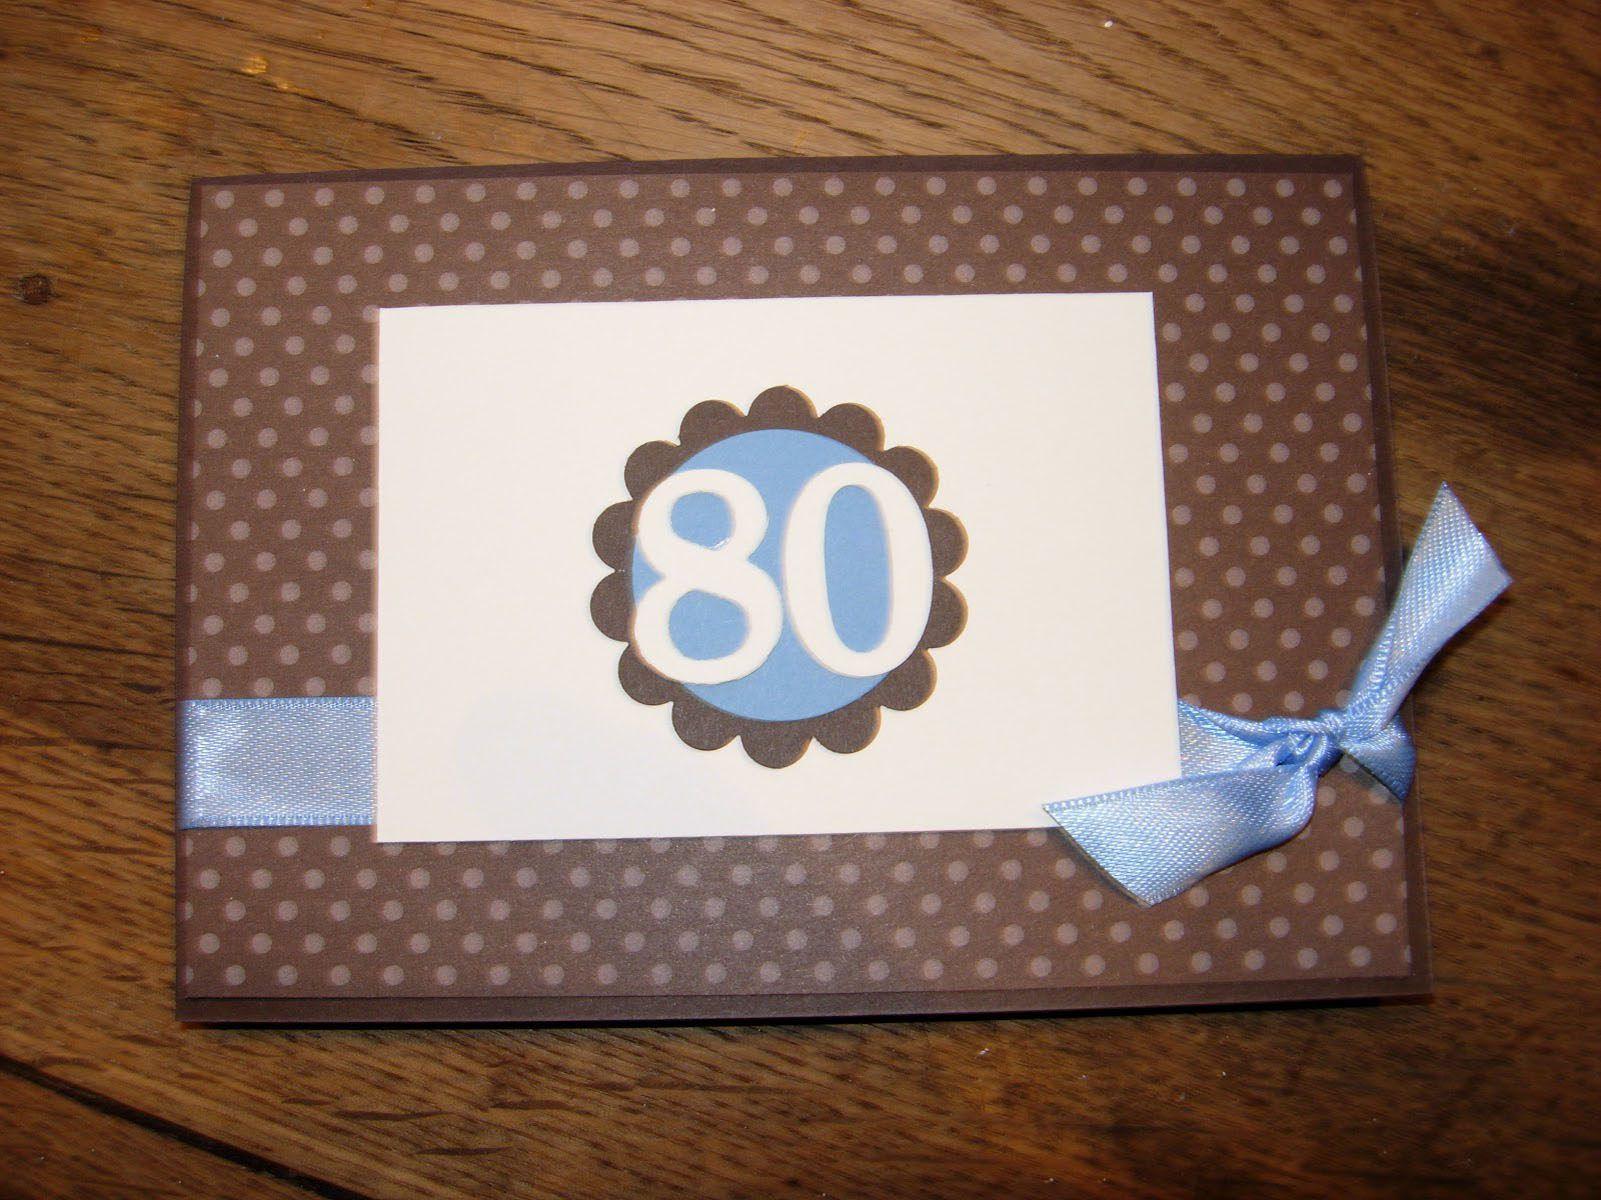 einladung geburtstag : einladung zum 80 geburtstag